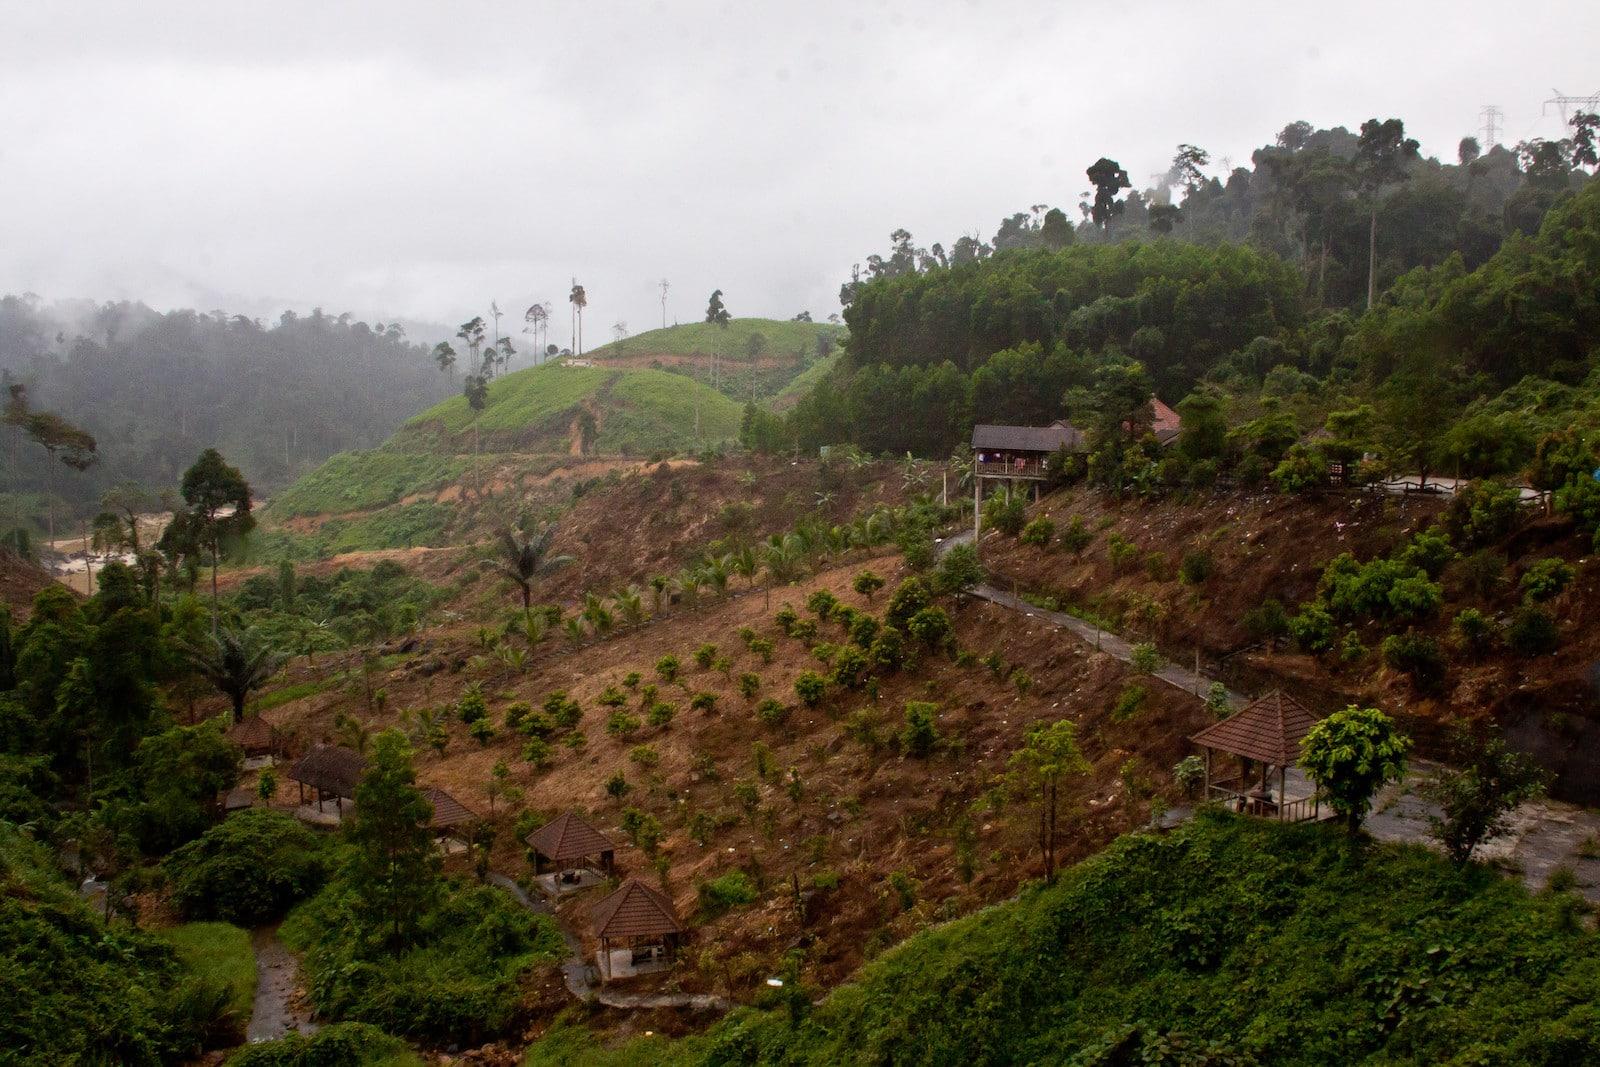 Image of fields in Kon Tum Province, Vietnam